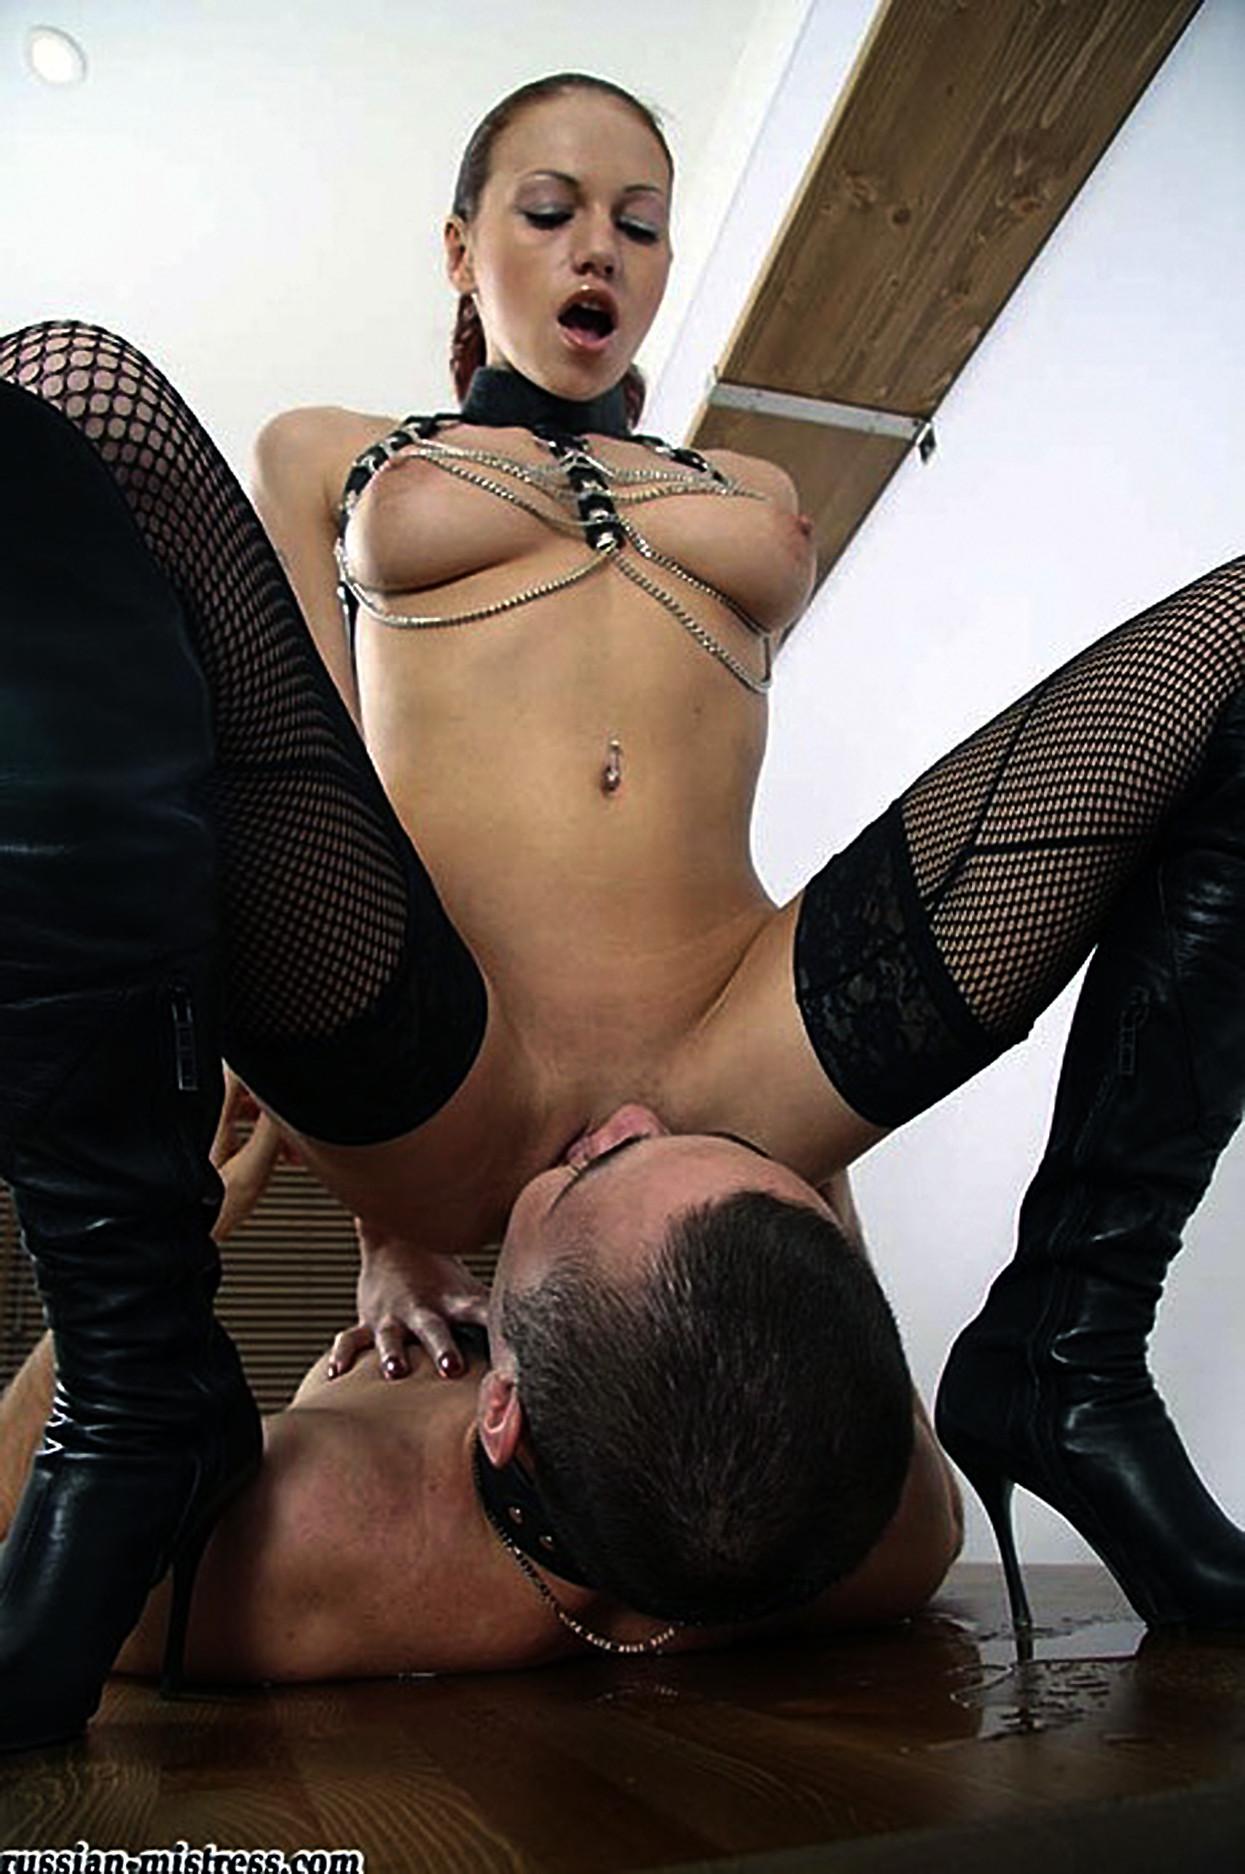 Секс россия госпожа 3 фотография